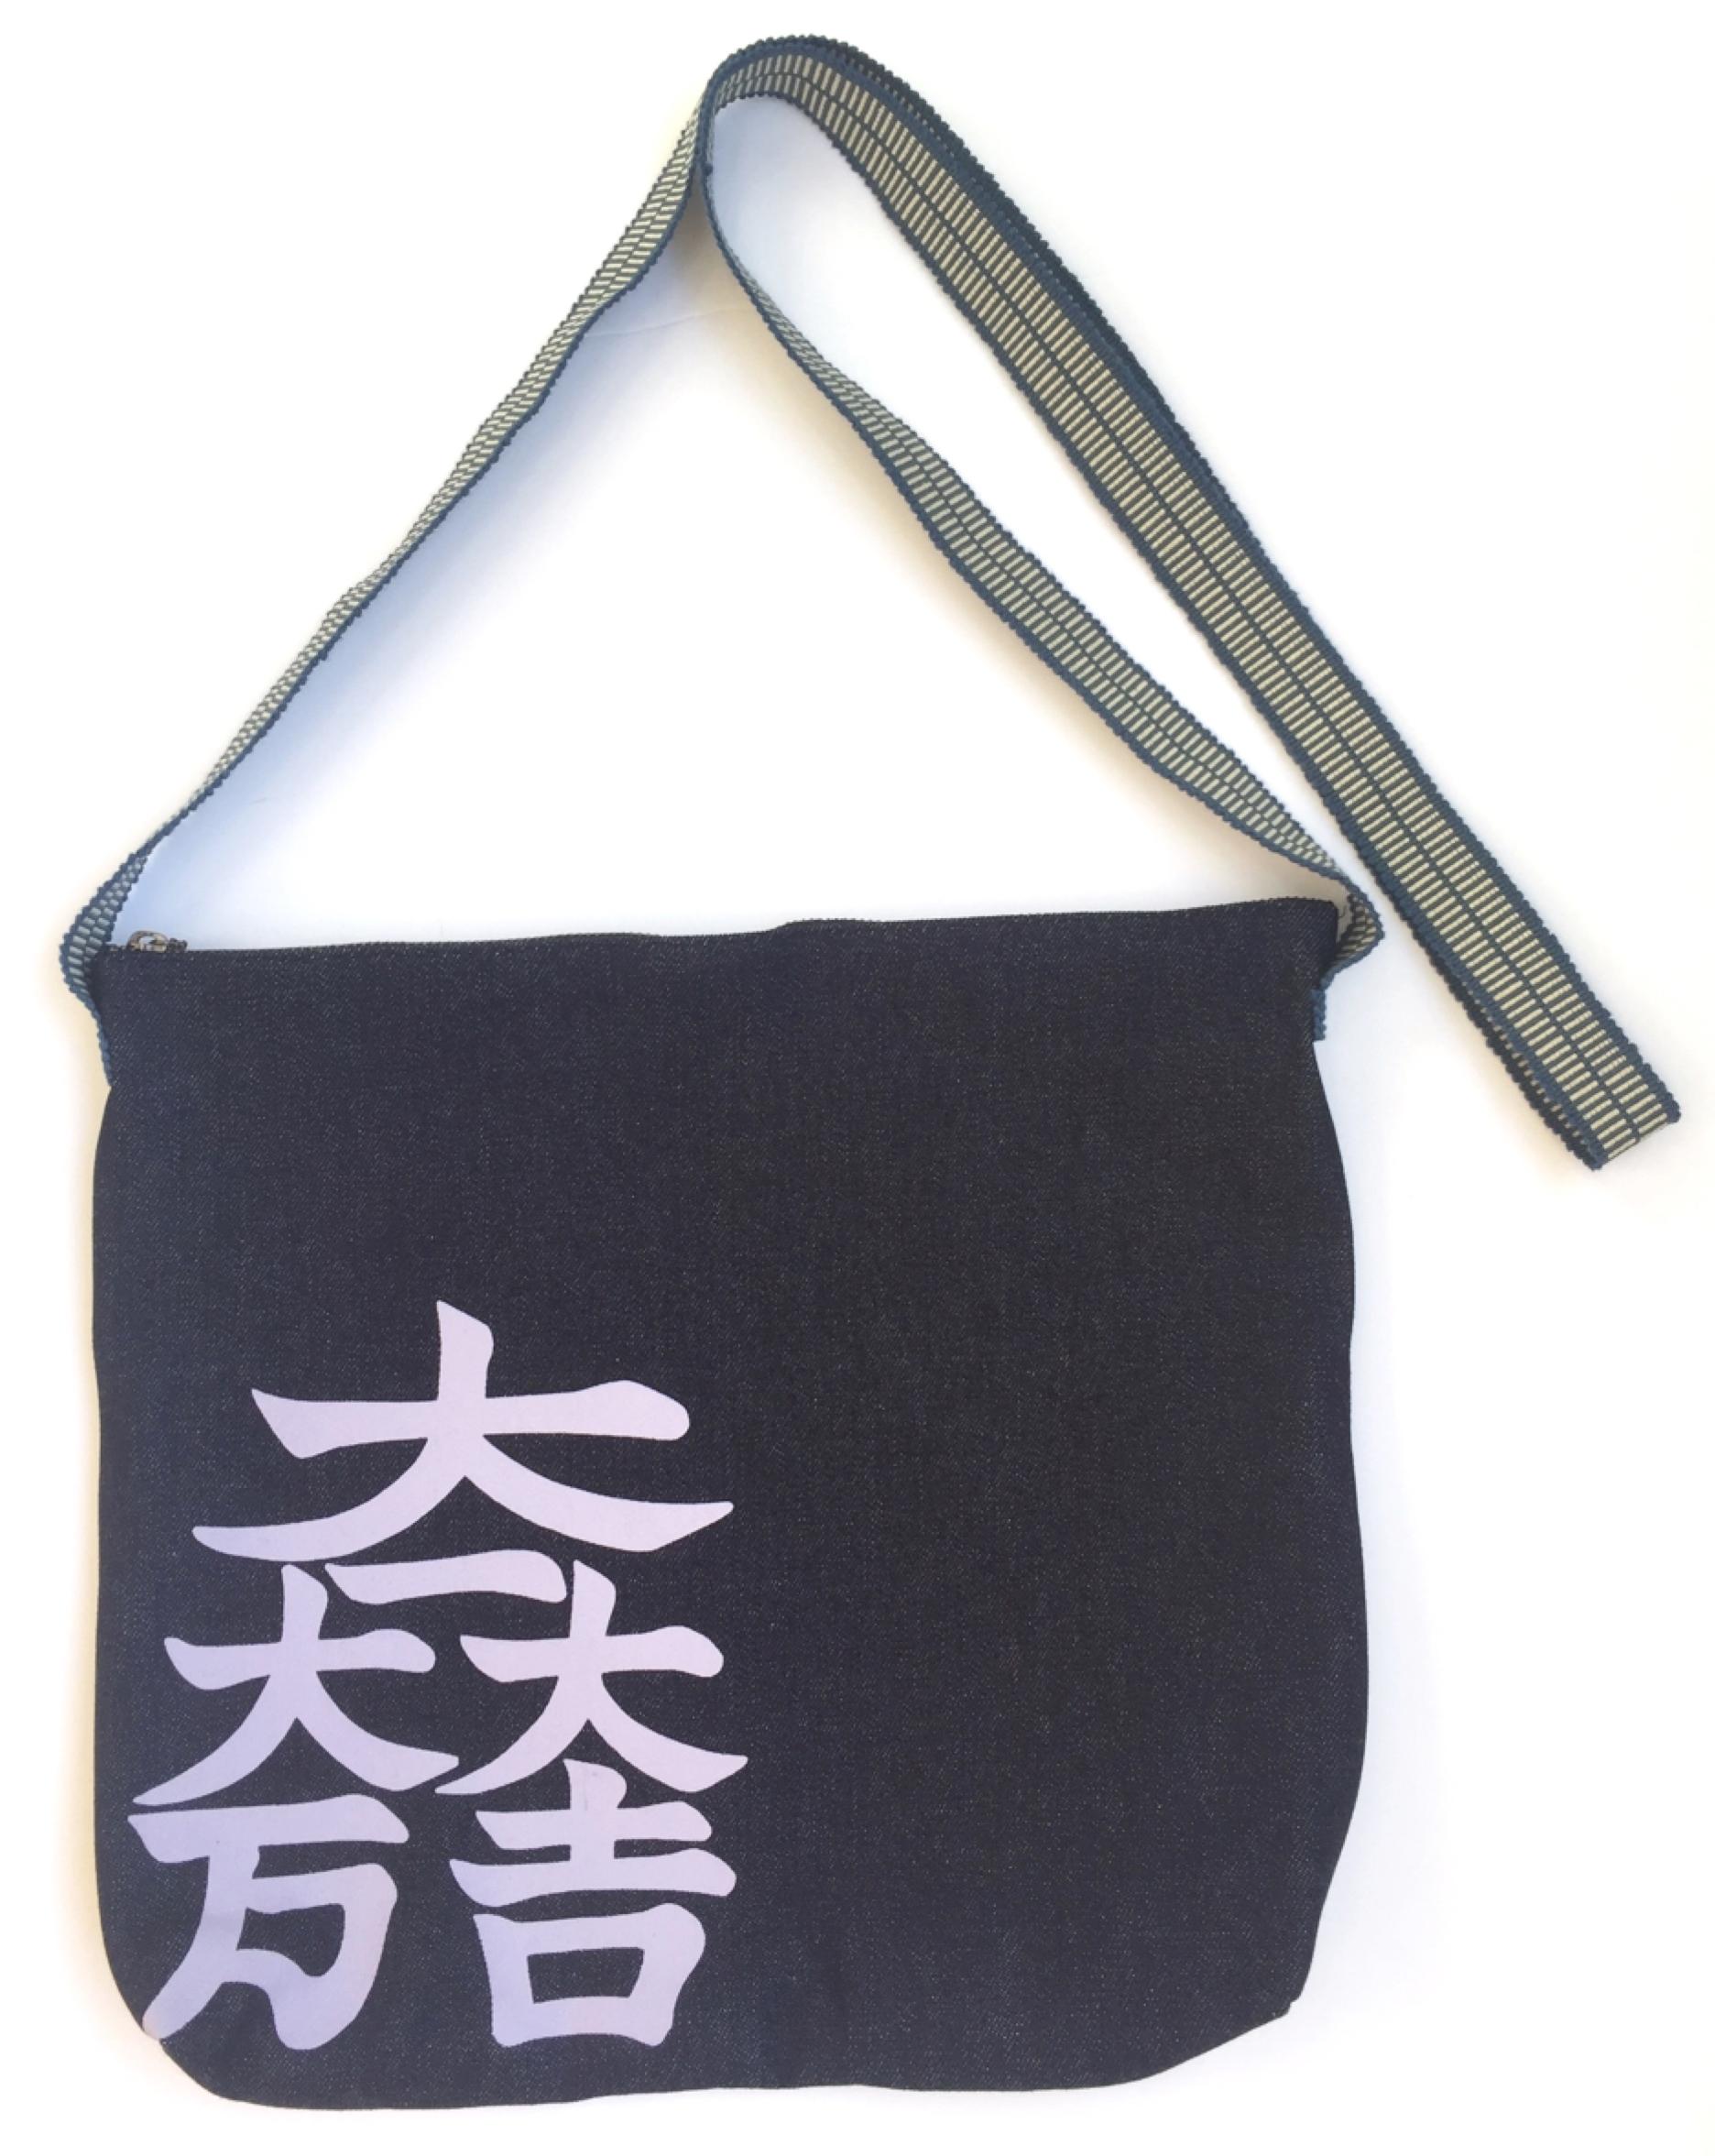 石田三成旗印 大一大万大吉デニムショルダーバッグ